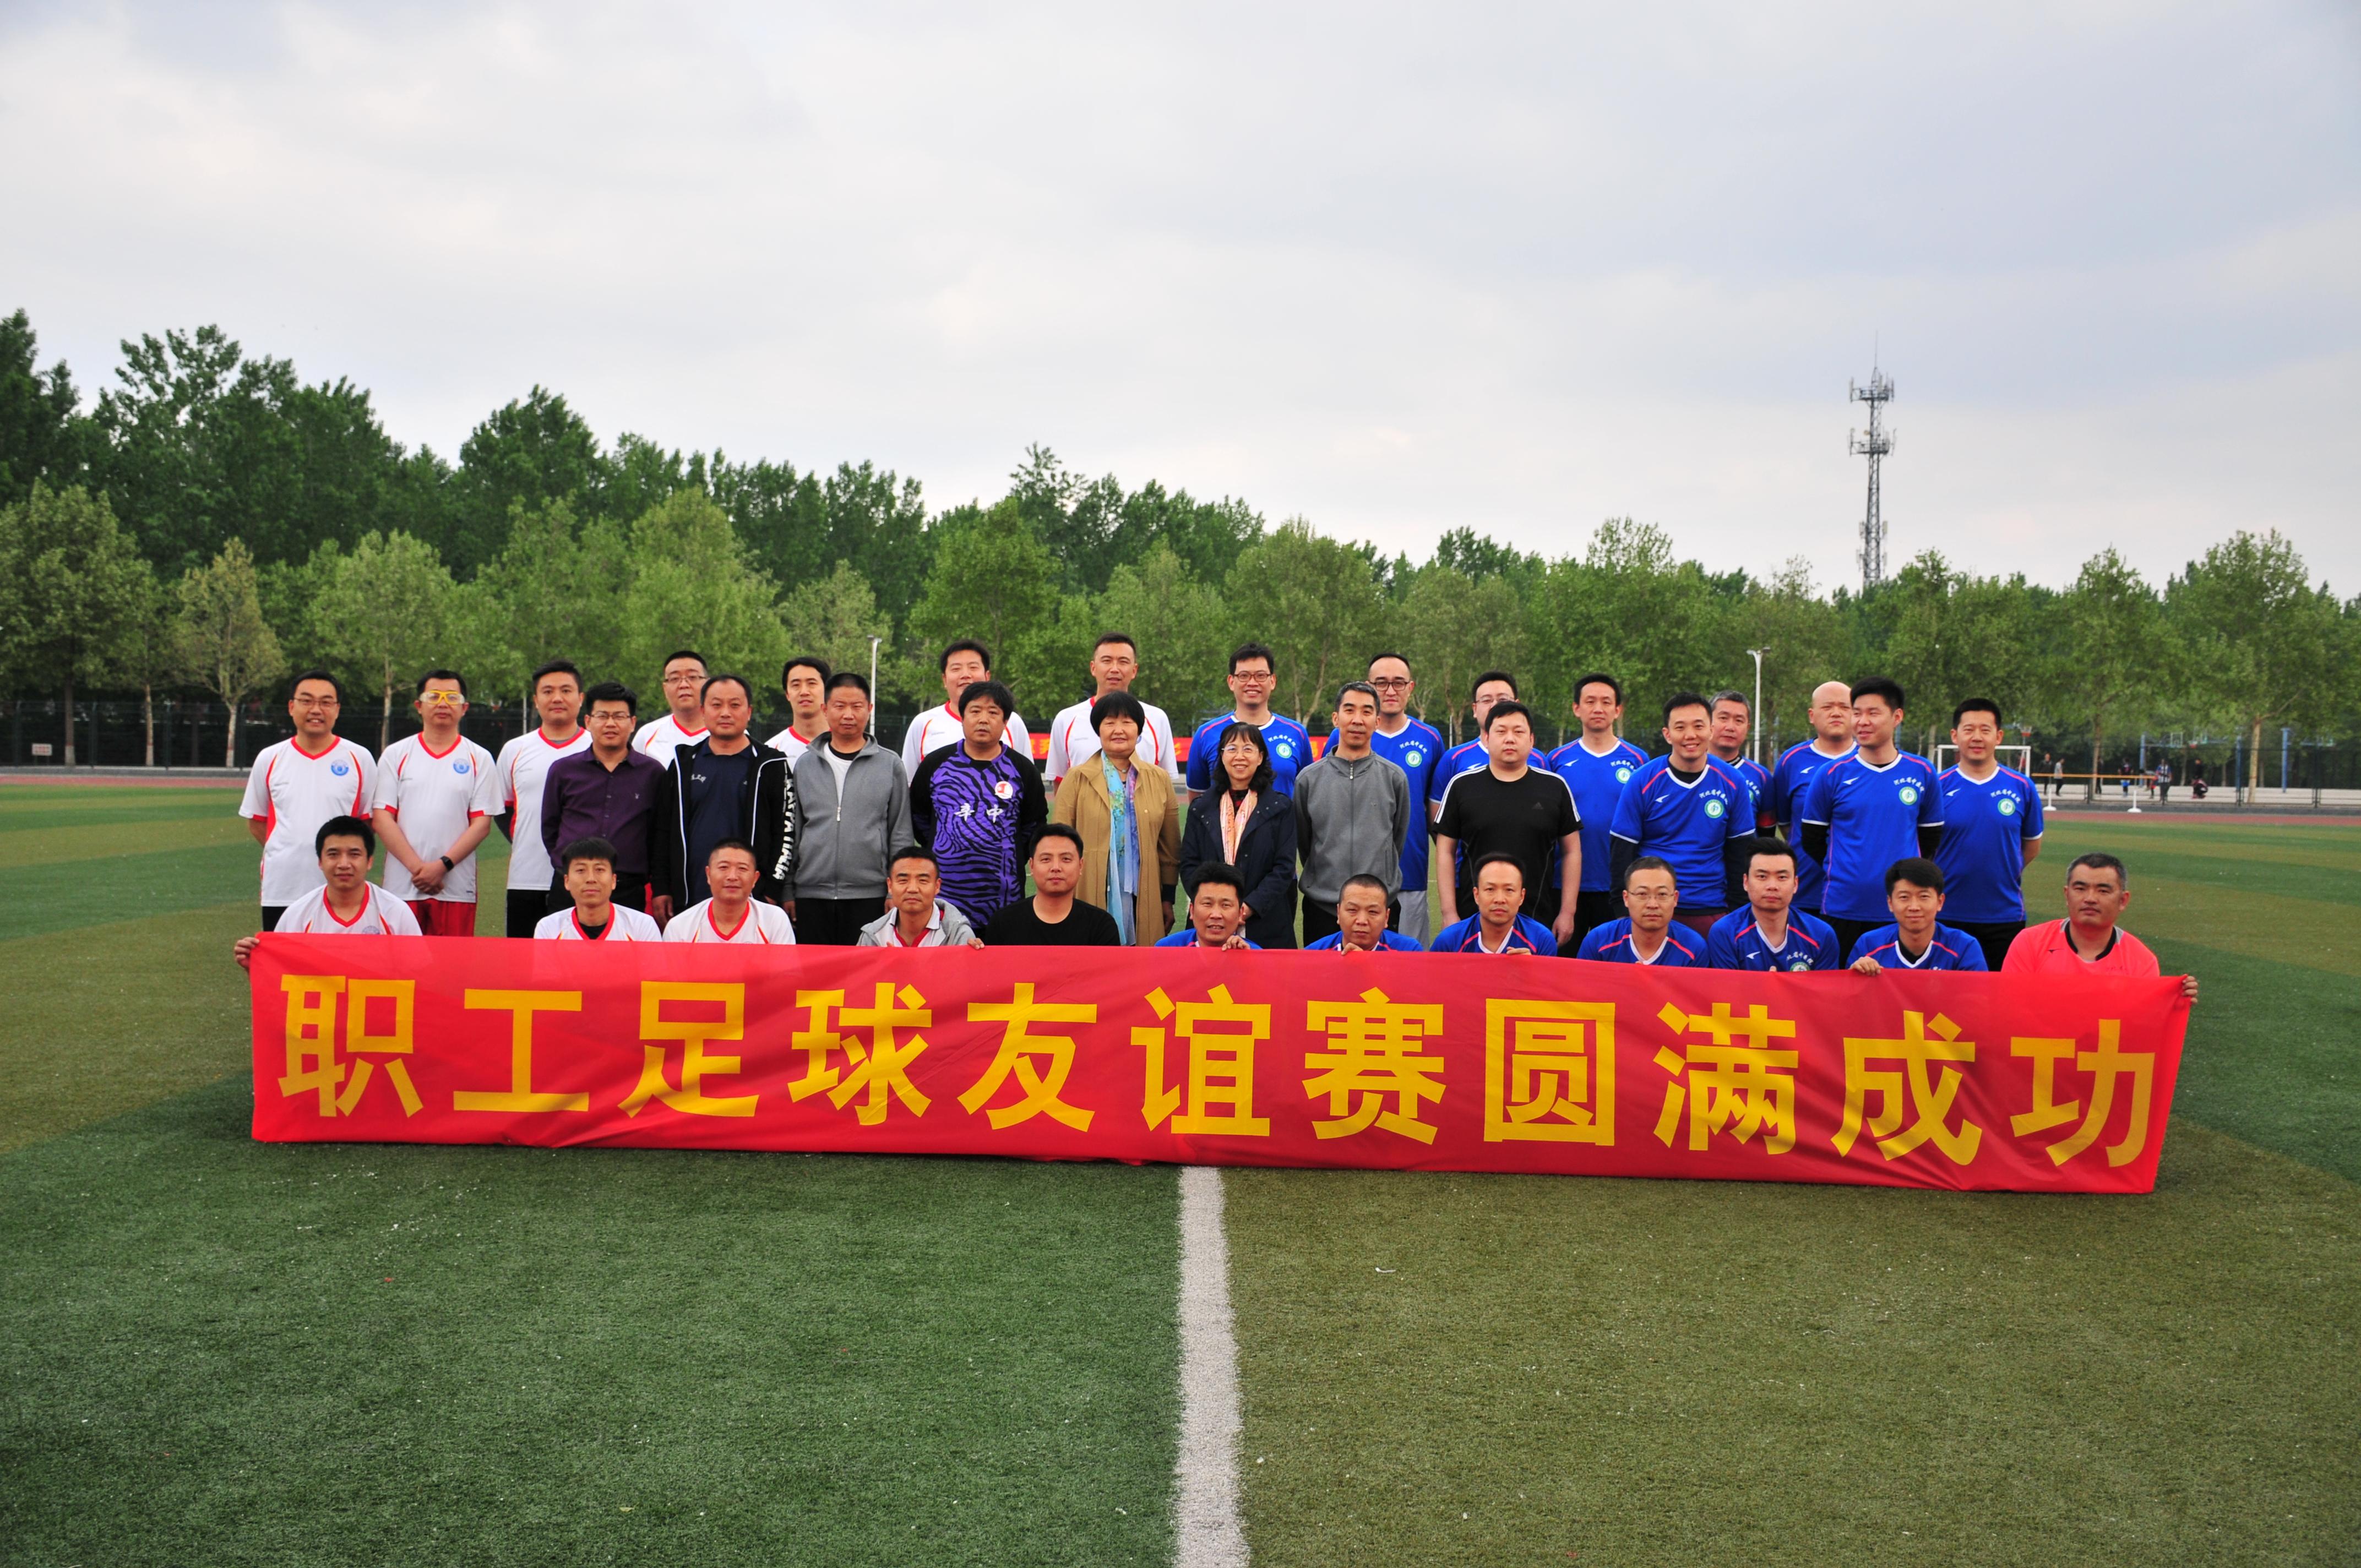 我校举办职工足球友谊...